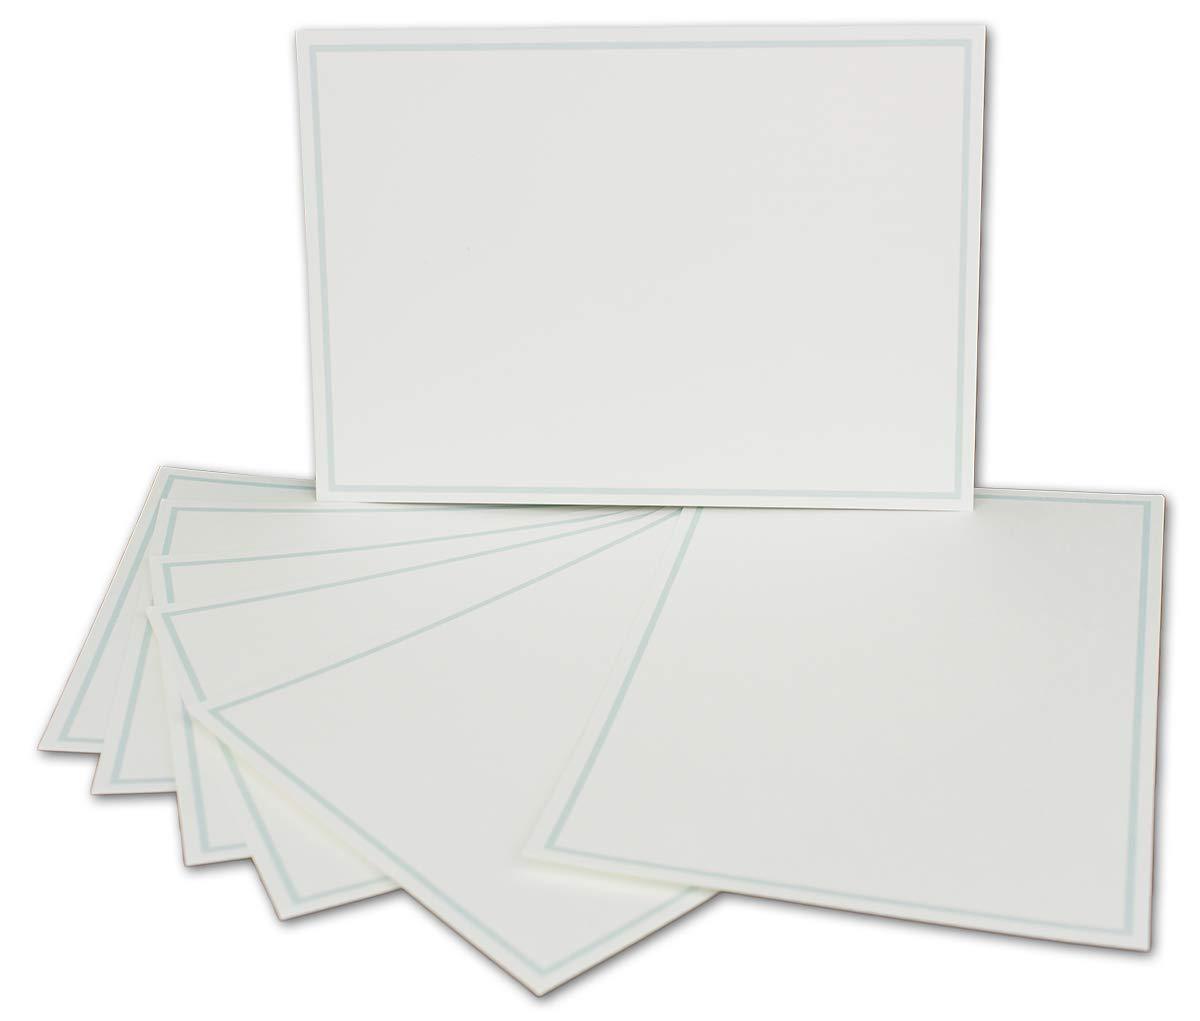 Postkarten-Einfachkarte-DIN A6-240 g m² - - - Natur-Weiss-Creme mit Rahmen in Hellblau - 200 Stück - Premium QUALITÄT - 10,5 x 14,8 cm - Ideal für Grußkarten und Einladungen - NEUSER FarbenFroh B07JQC275B | Starke Hitze- und Abnutzun 64029c